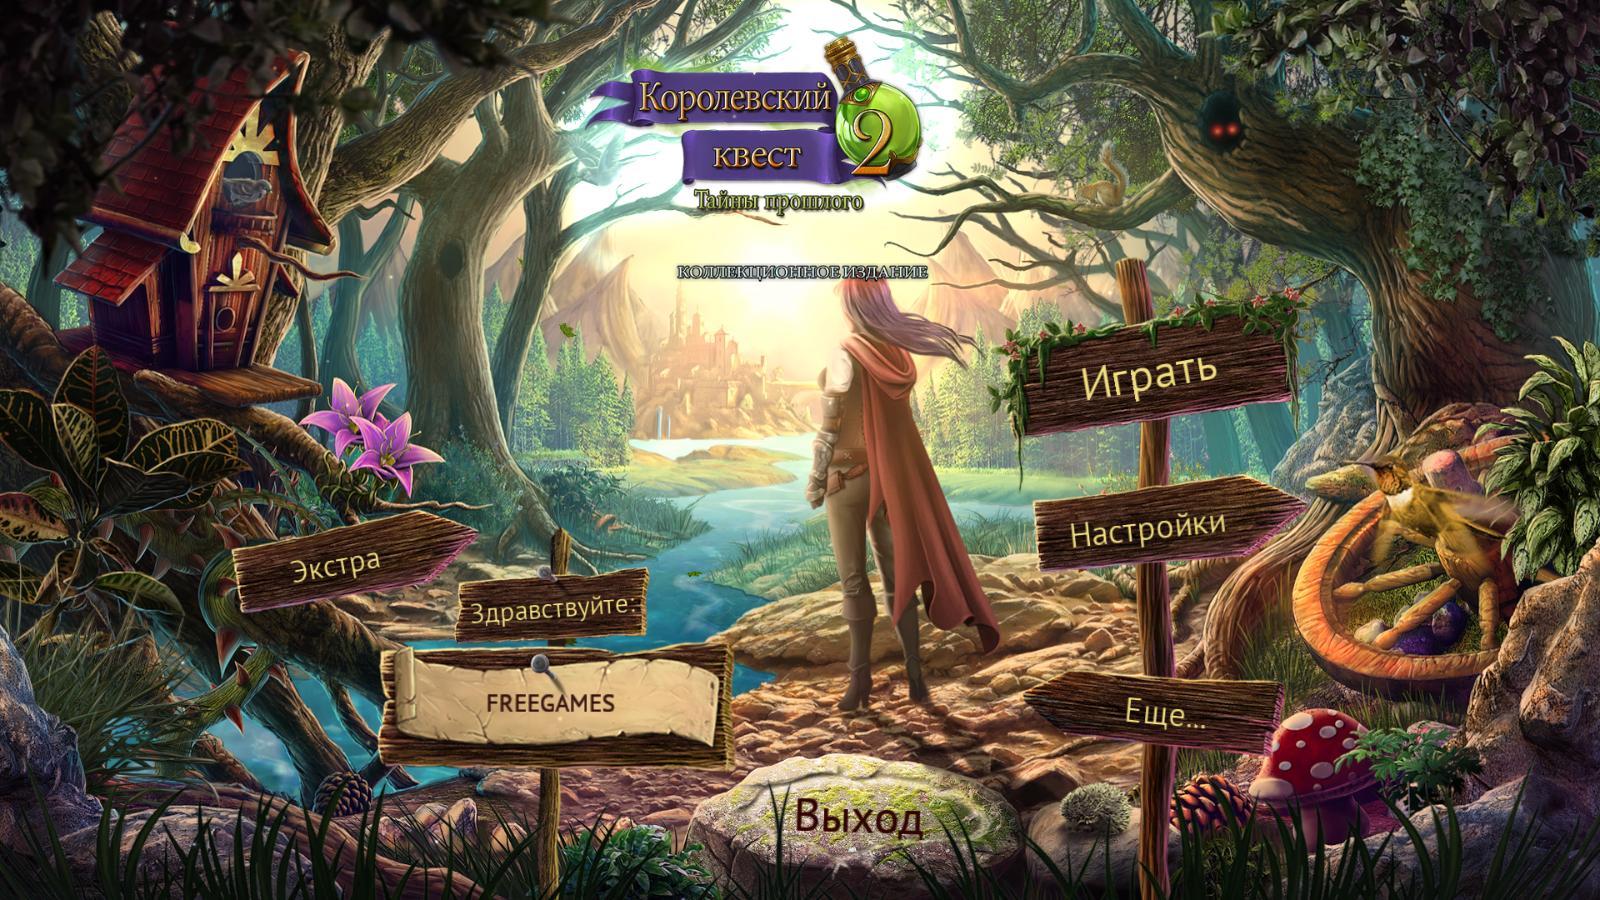 Королевский квест 2: Тайны прошлого. Коллекционное издание | Queen's Quest 2: Stories of Forgotten Past CE (Rus)